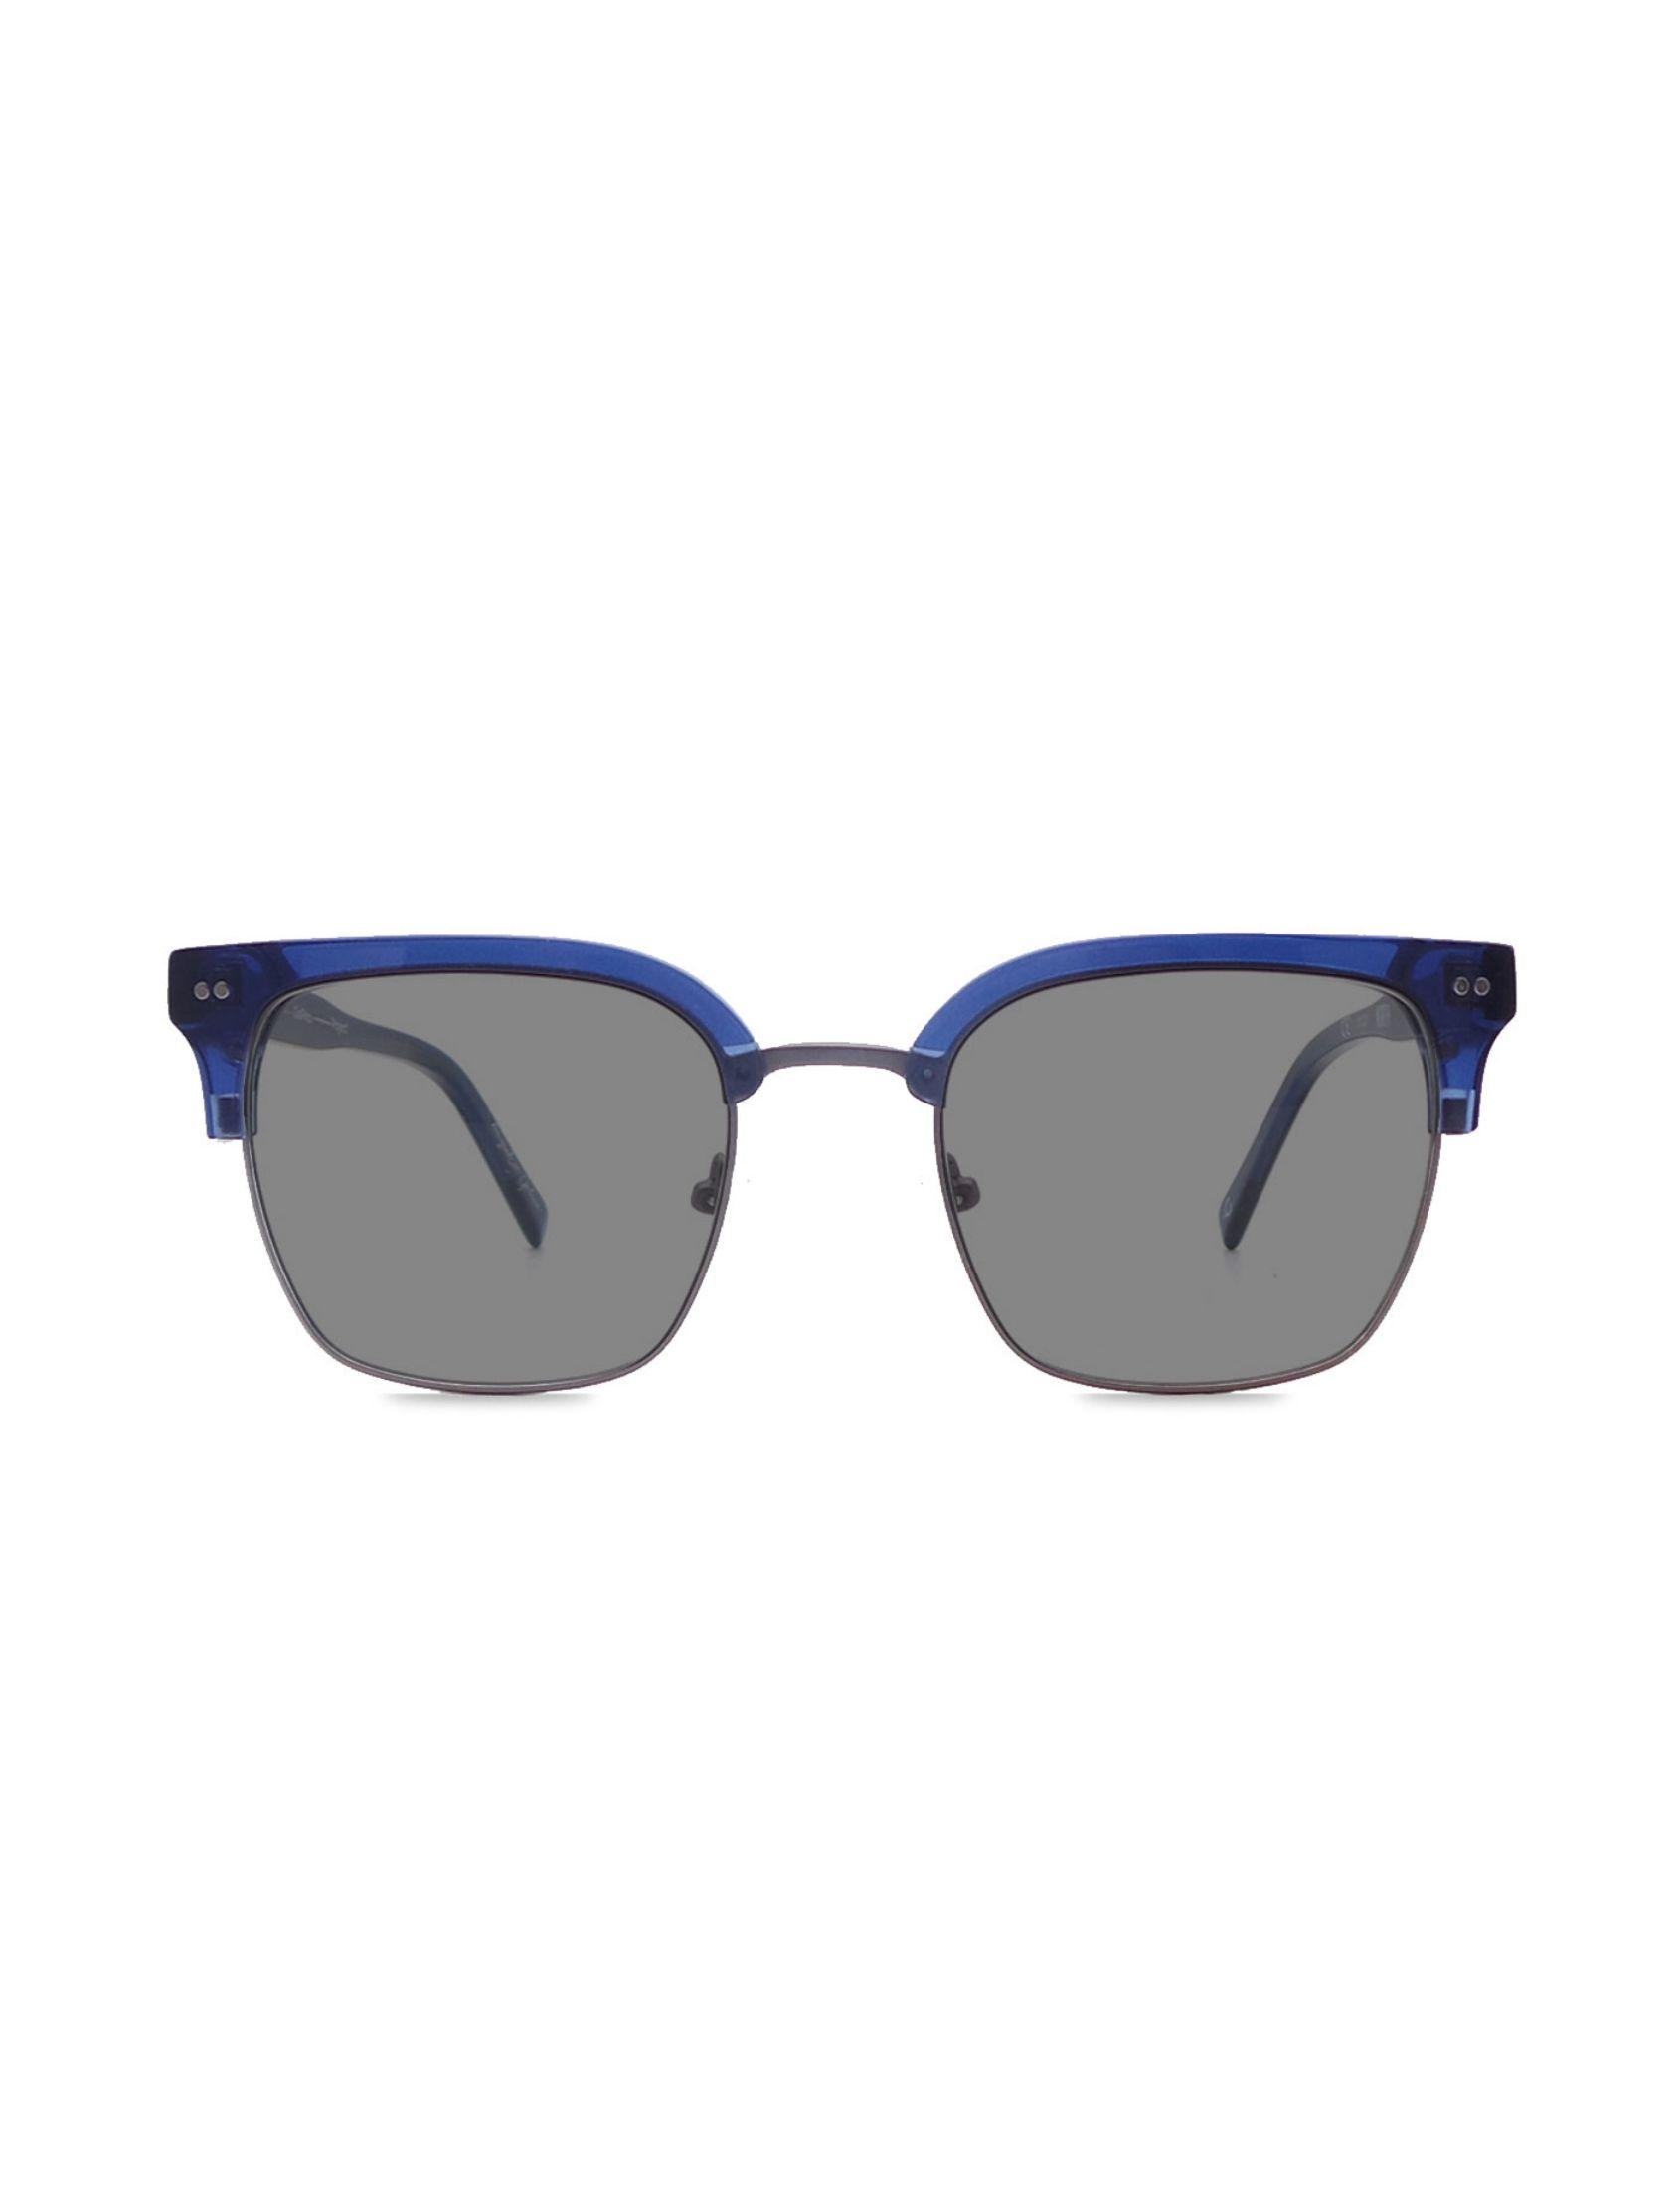 gafa unisex hio north en calor azul de sol o versión graduable